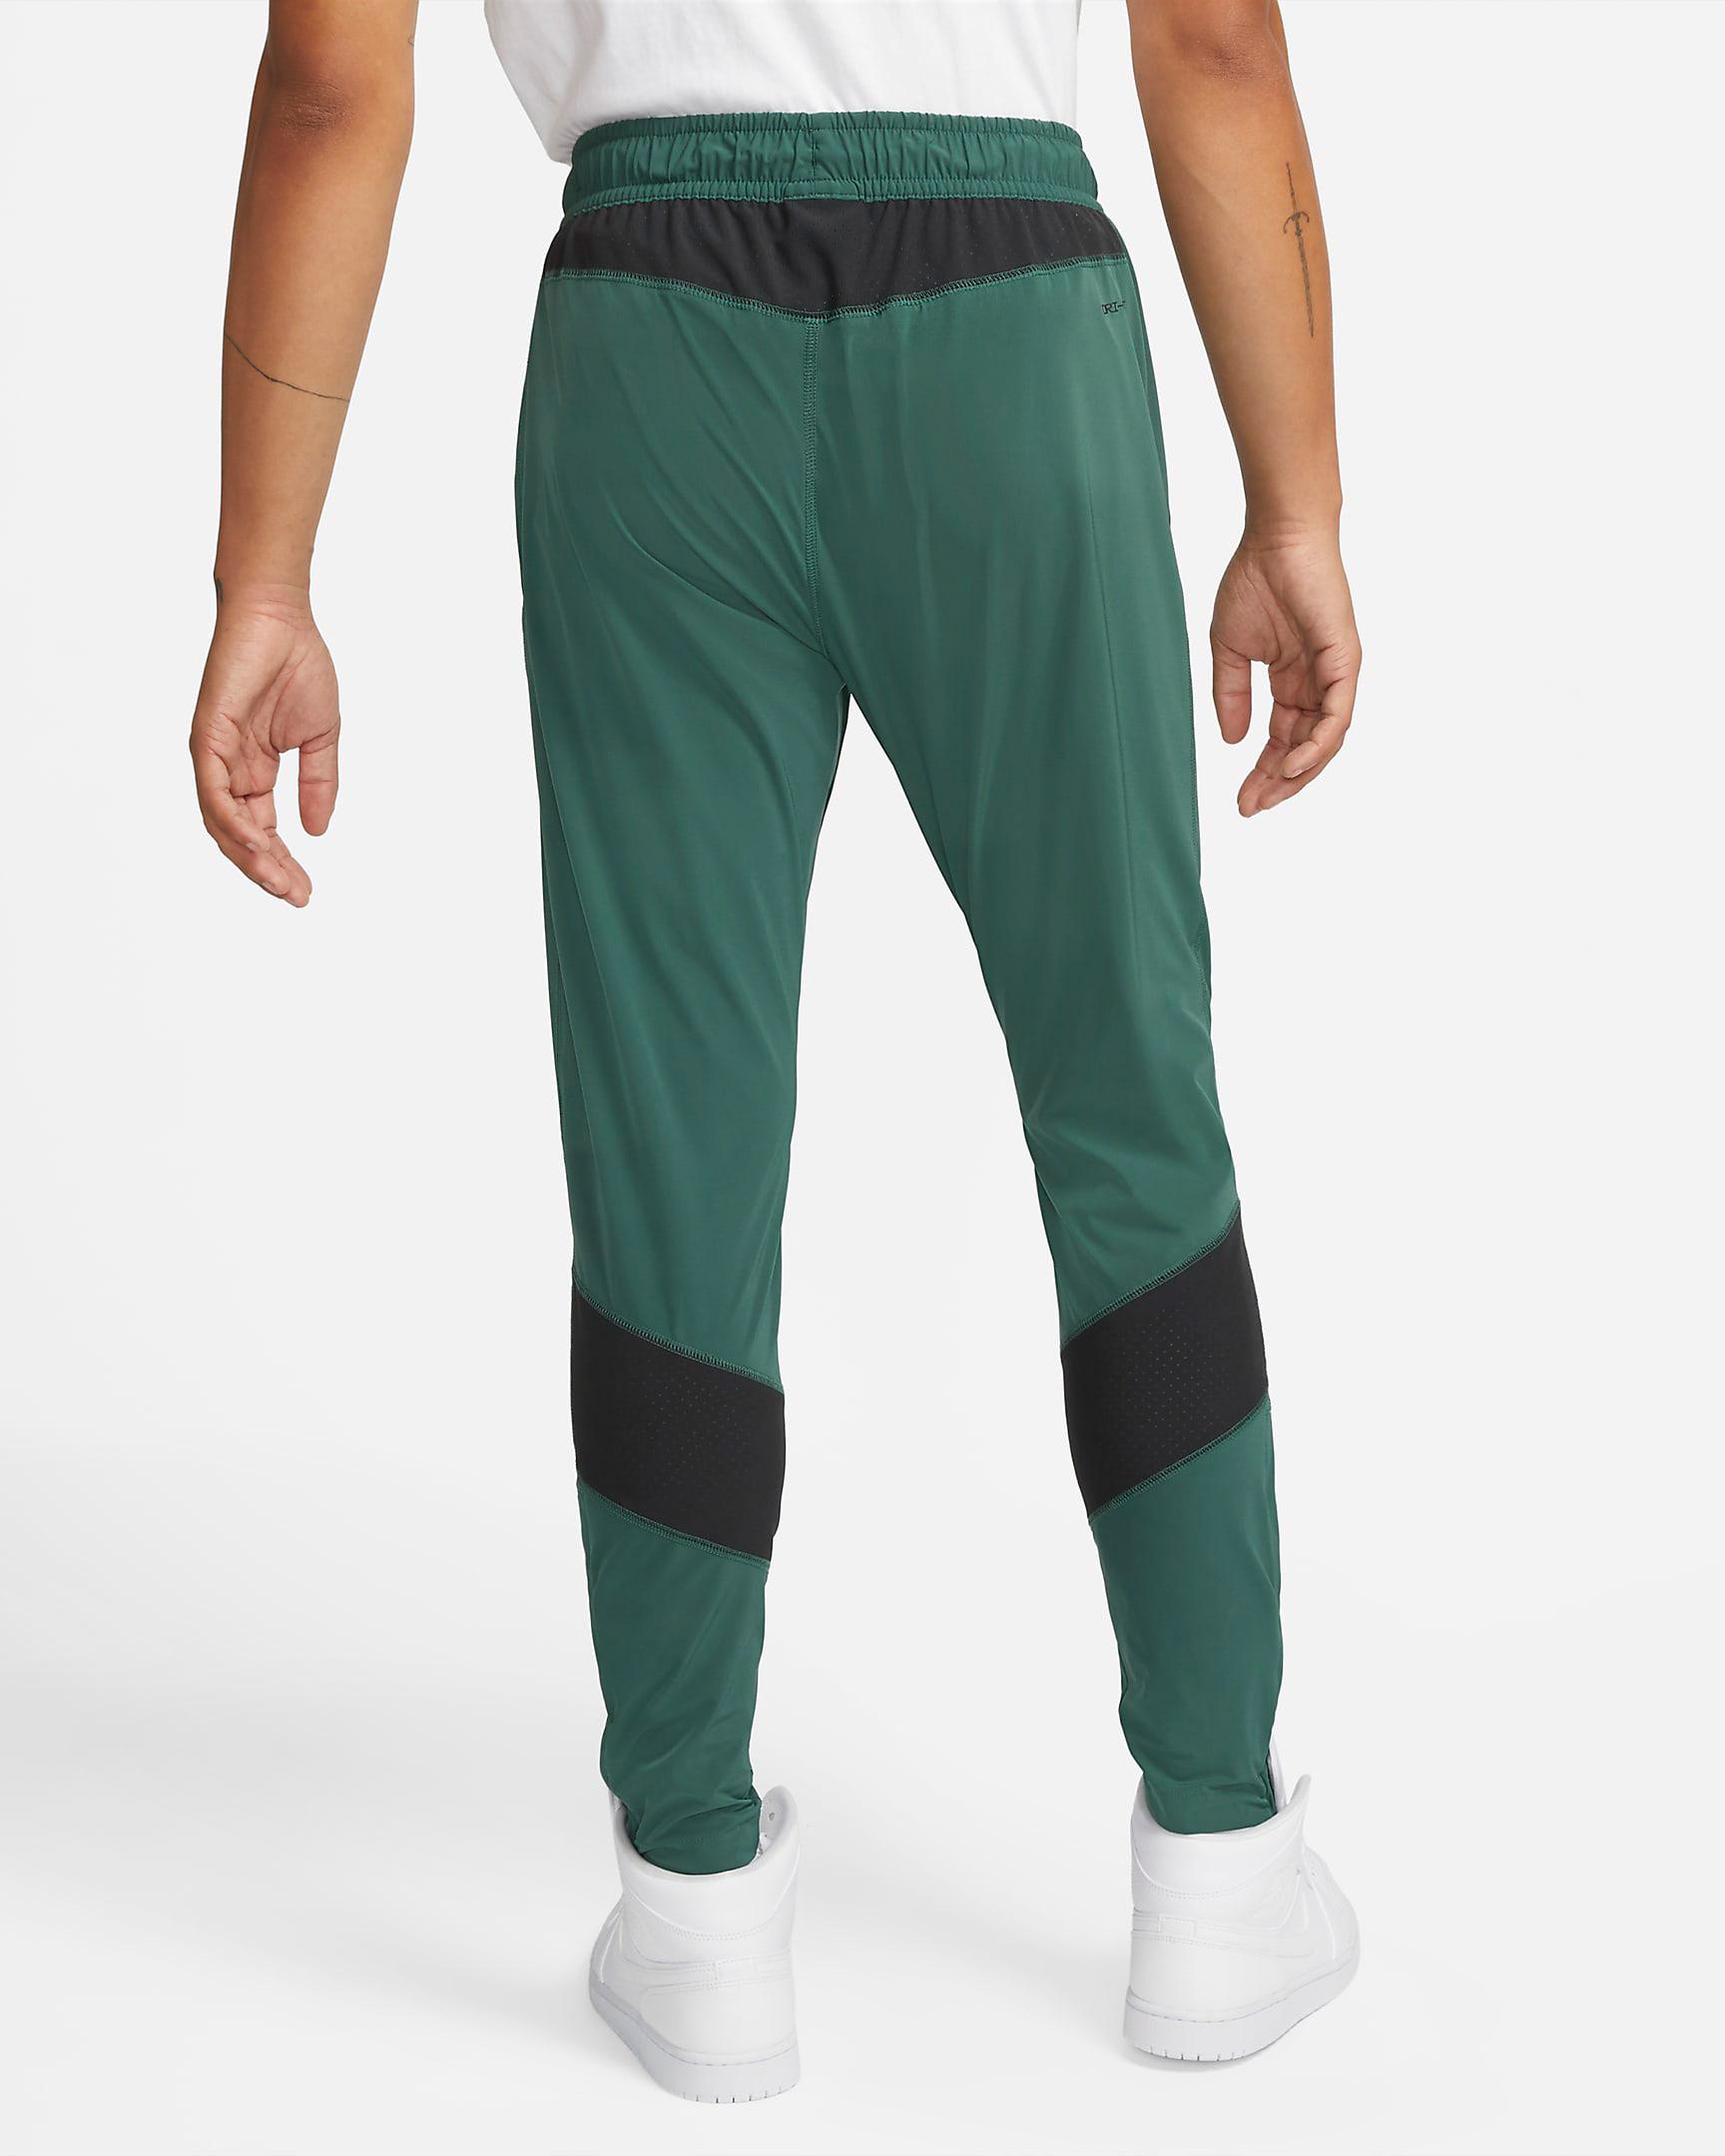 jordan-noble-green-air-statetment-pants-2